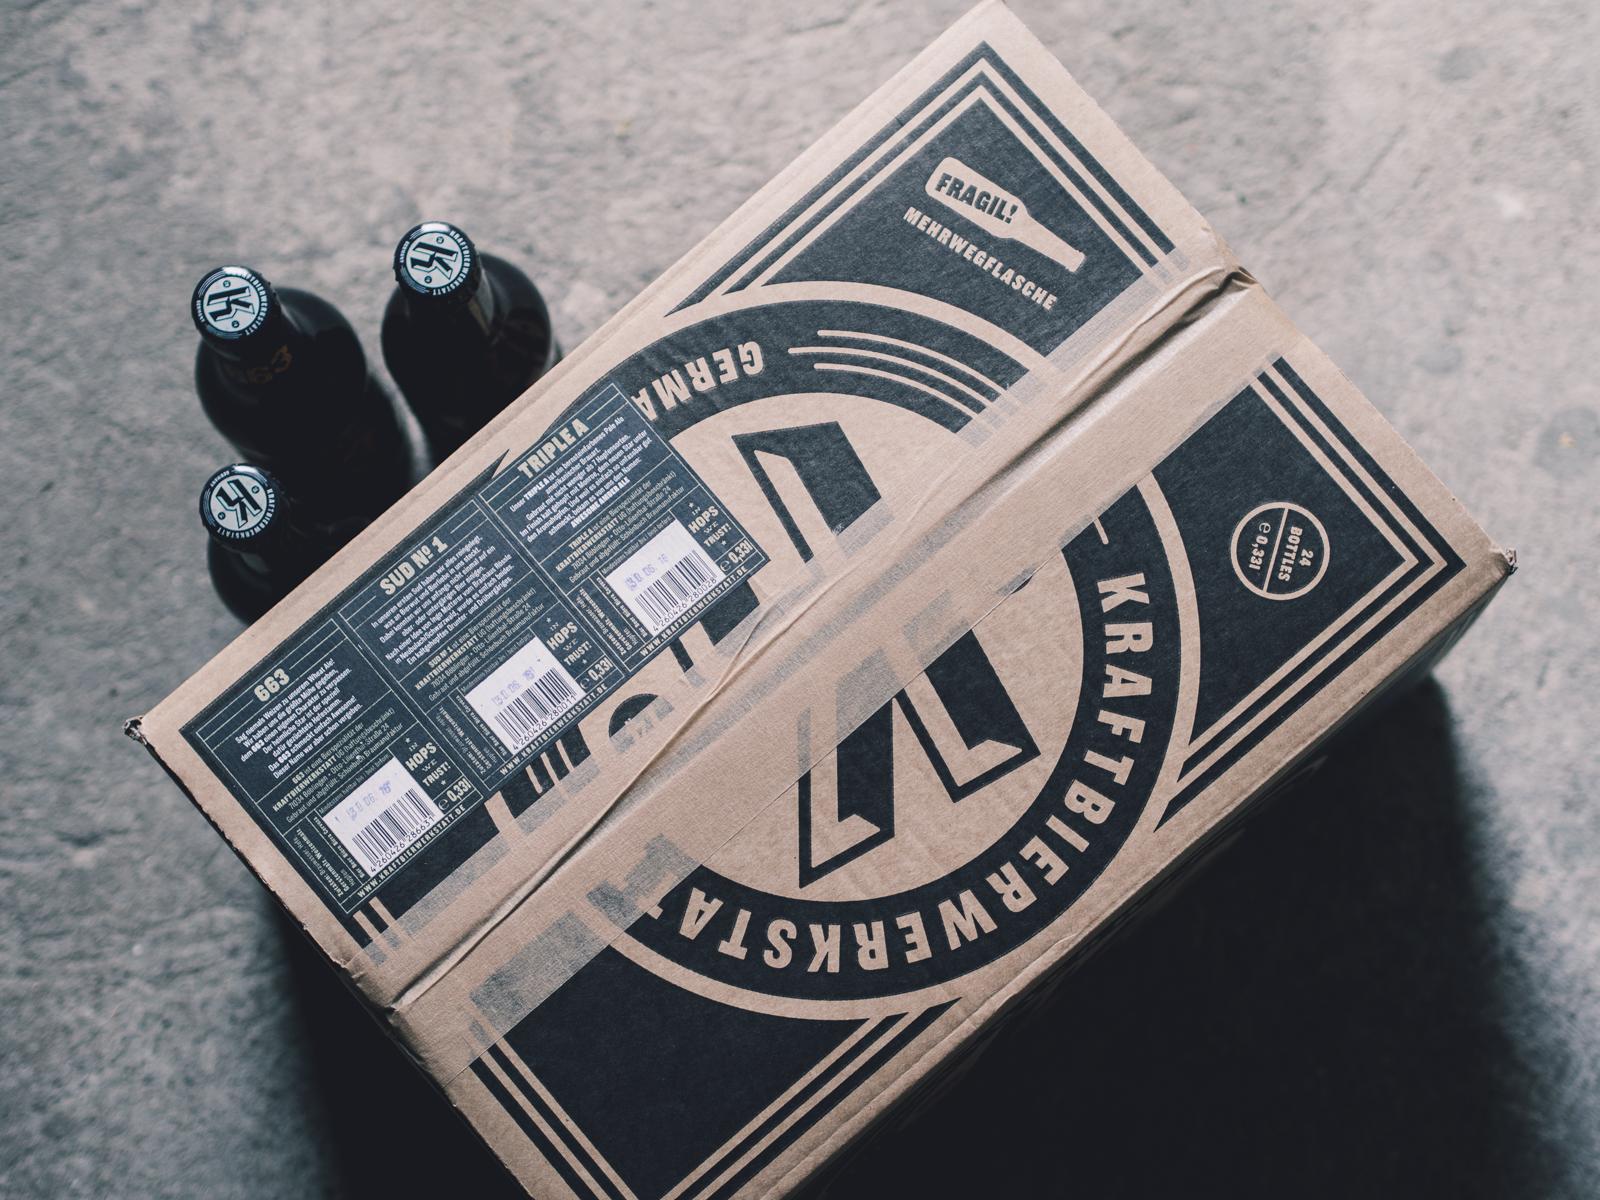 Man sieht 3 Bierflaschen und eine Kiste der Craftbier-Brauerei